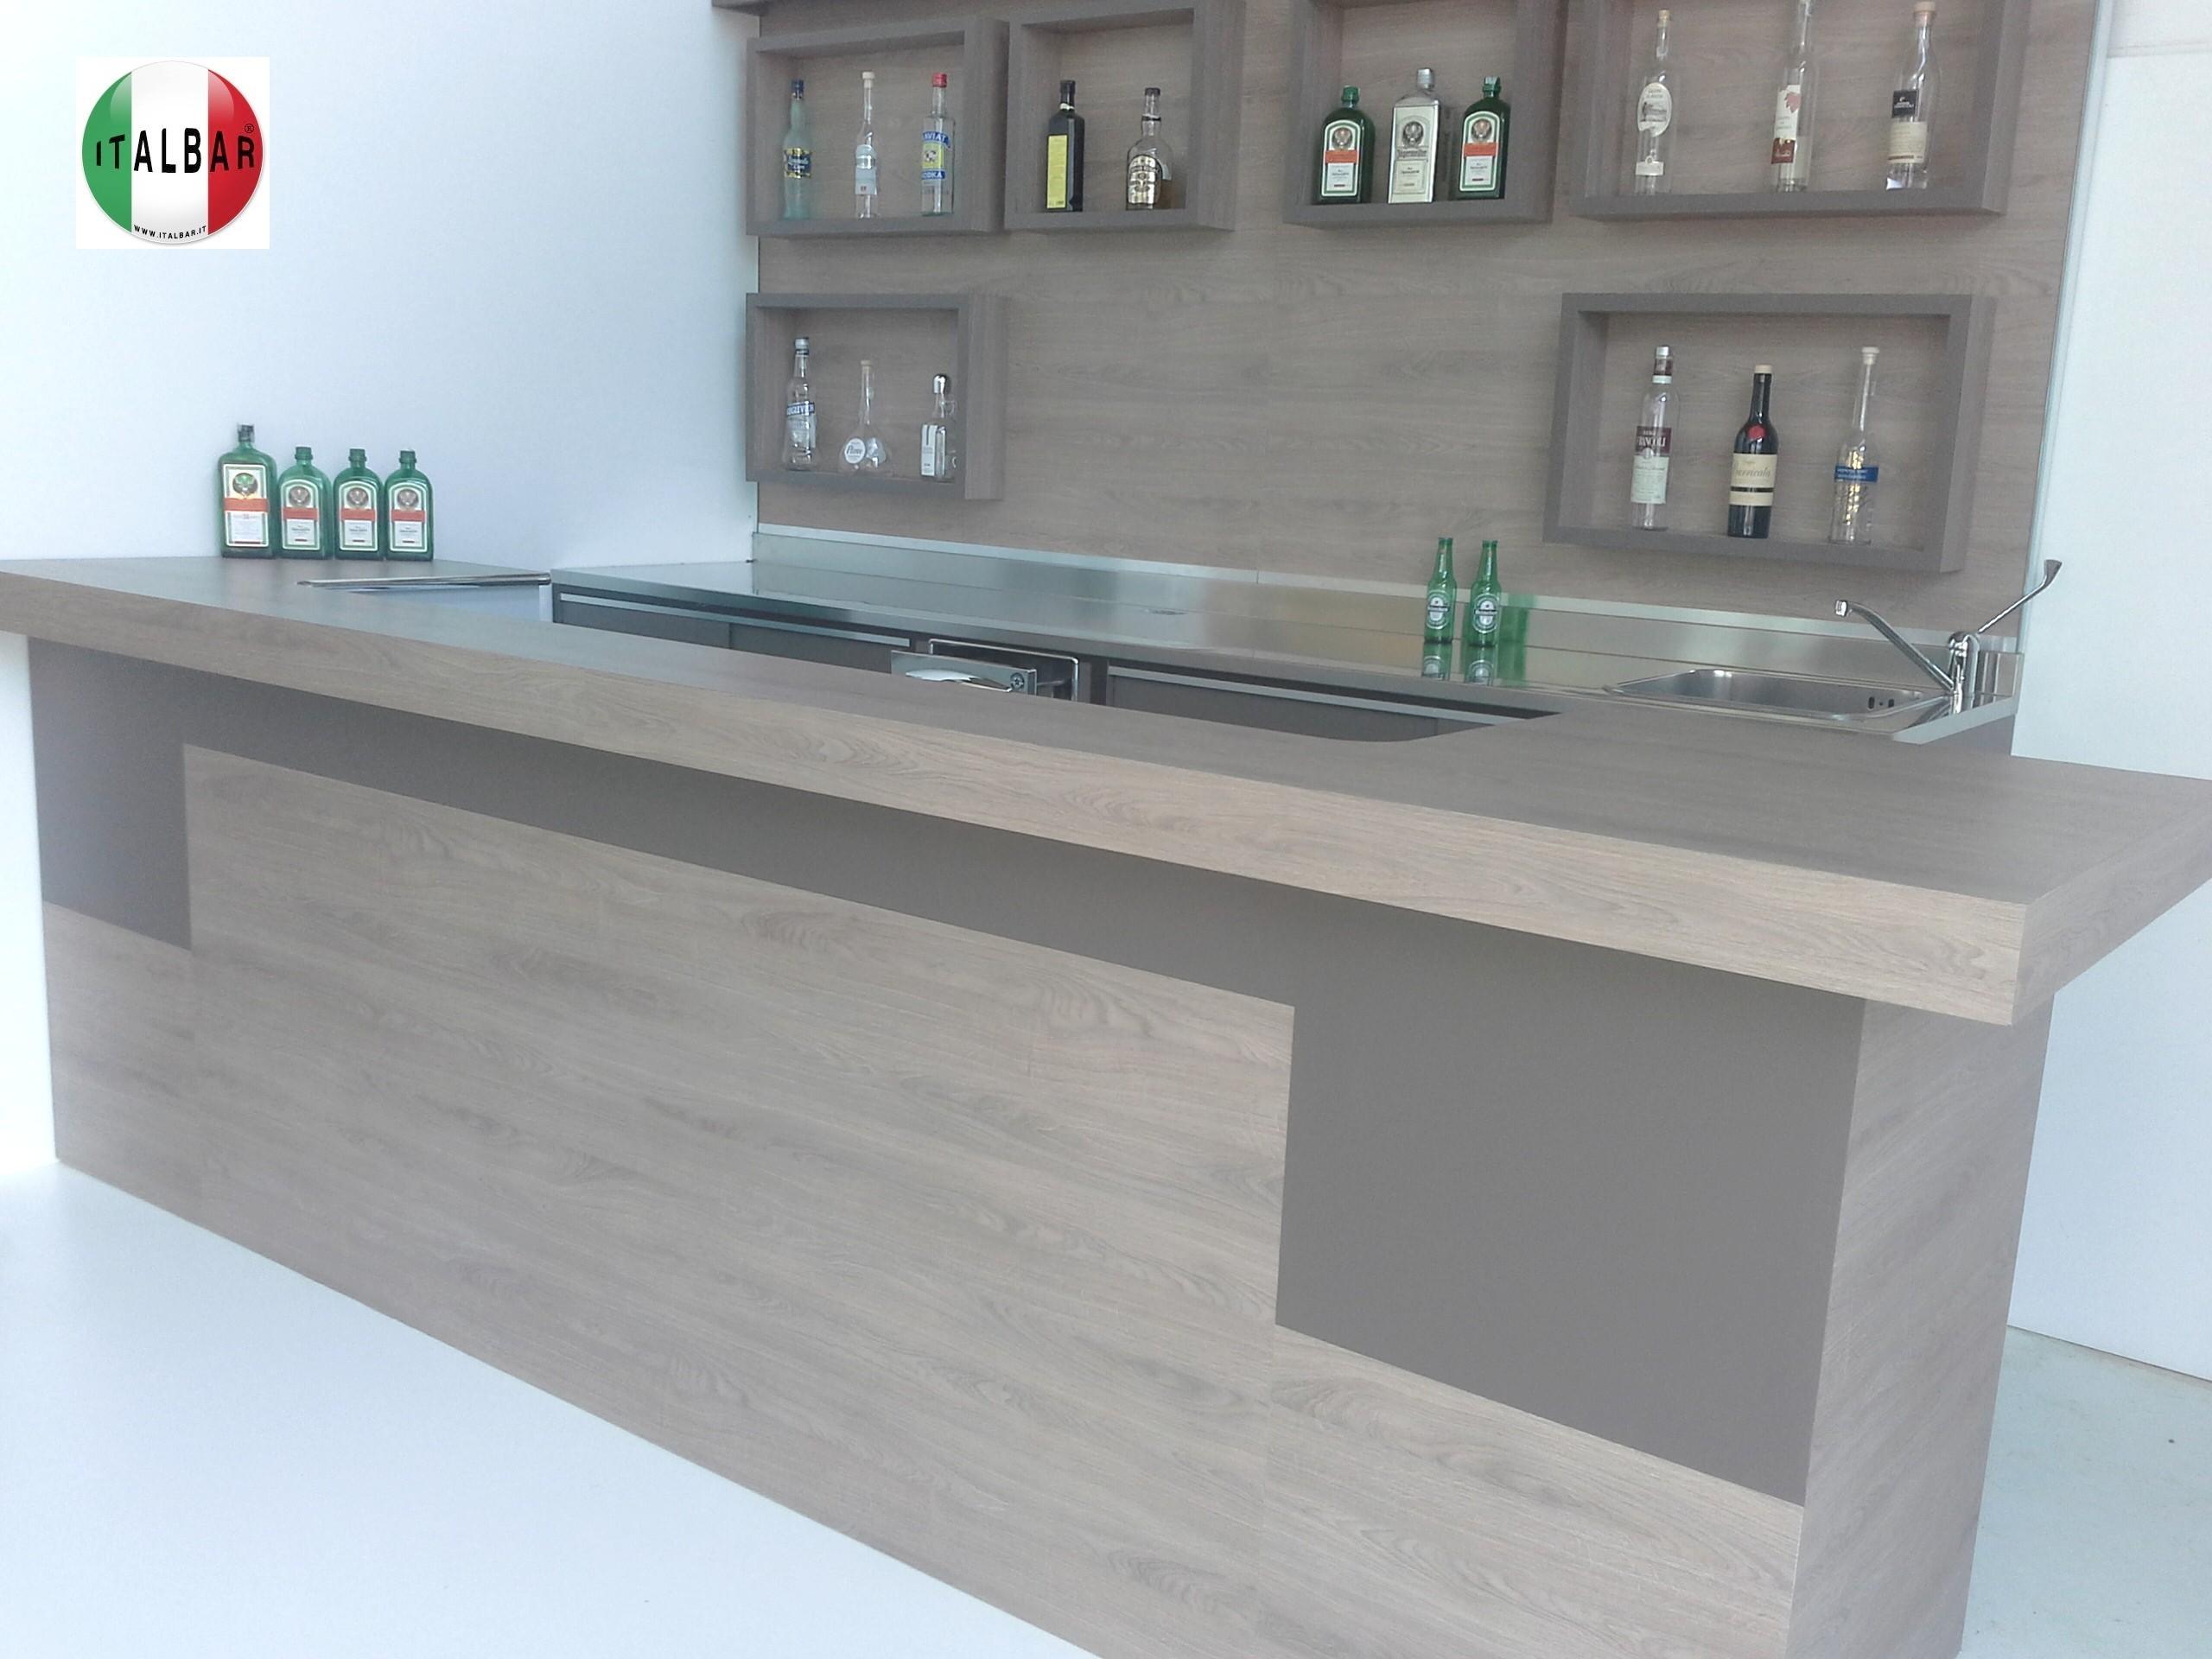 Italbar banconi bar banchi frigo vetrine refrigerate for Banconi bar usati roma